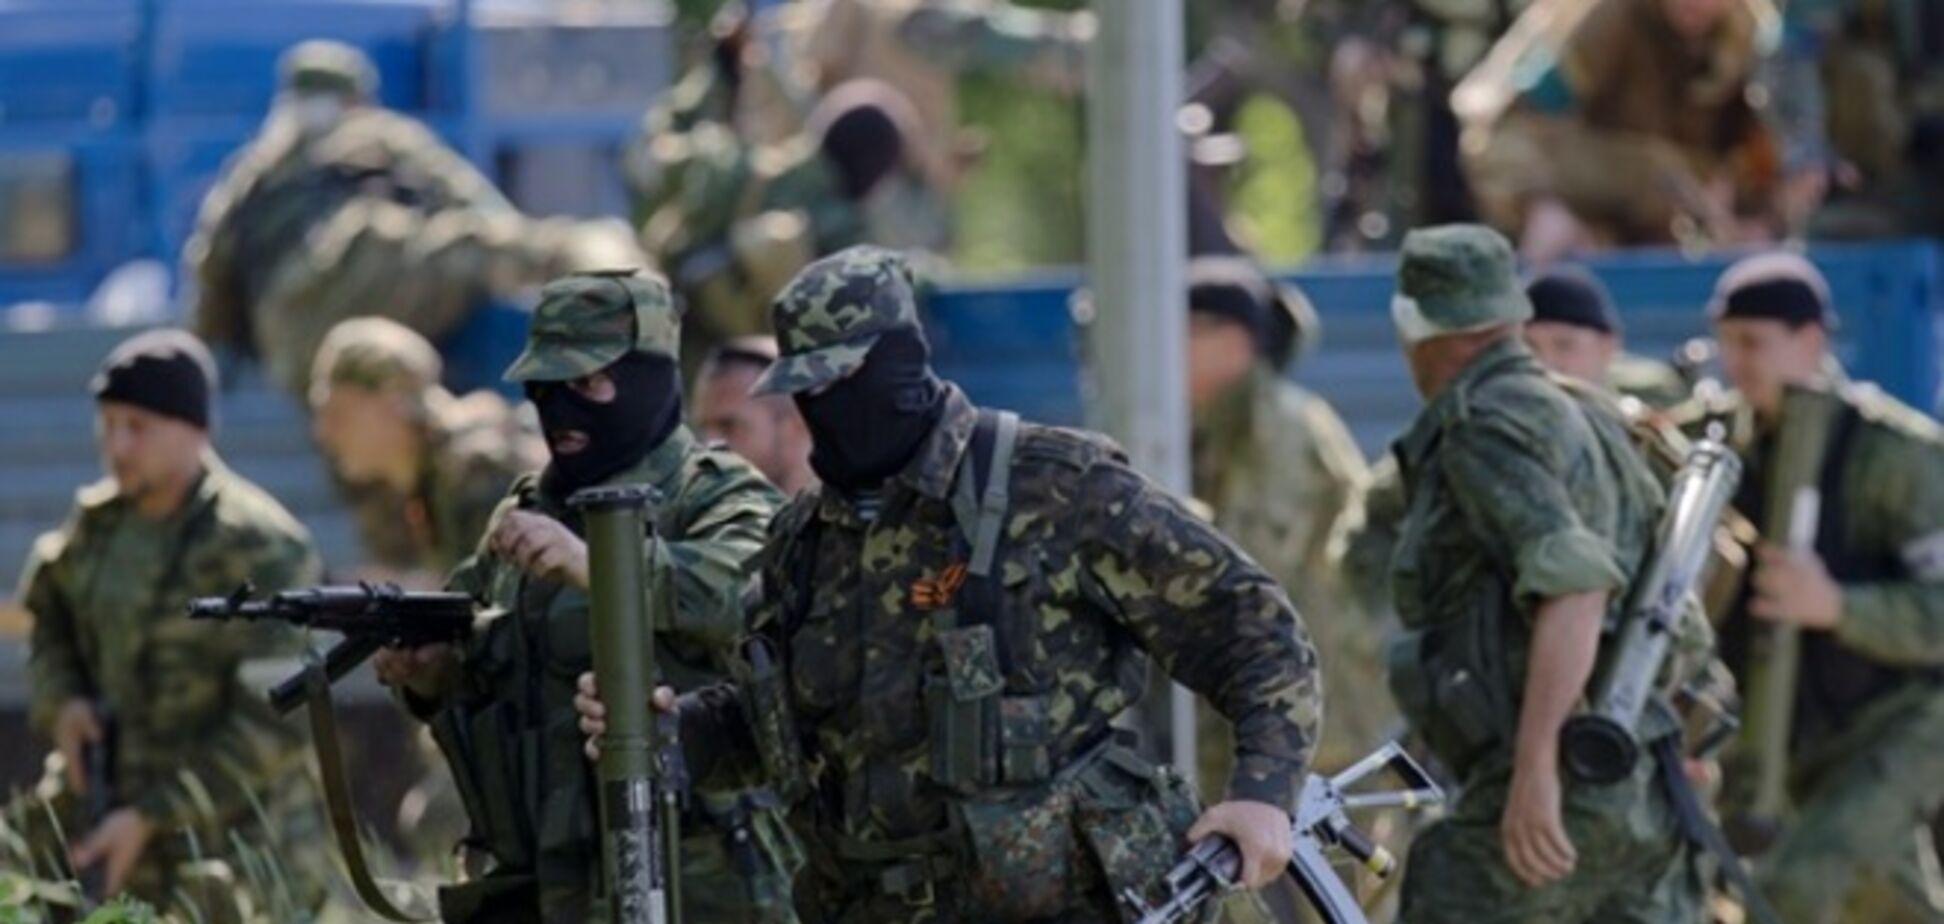 На российской границе для 'помощи' террористам сформированы 50 грузовиков с боевиками - Тымчук